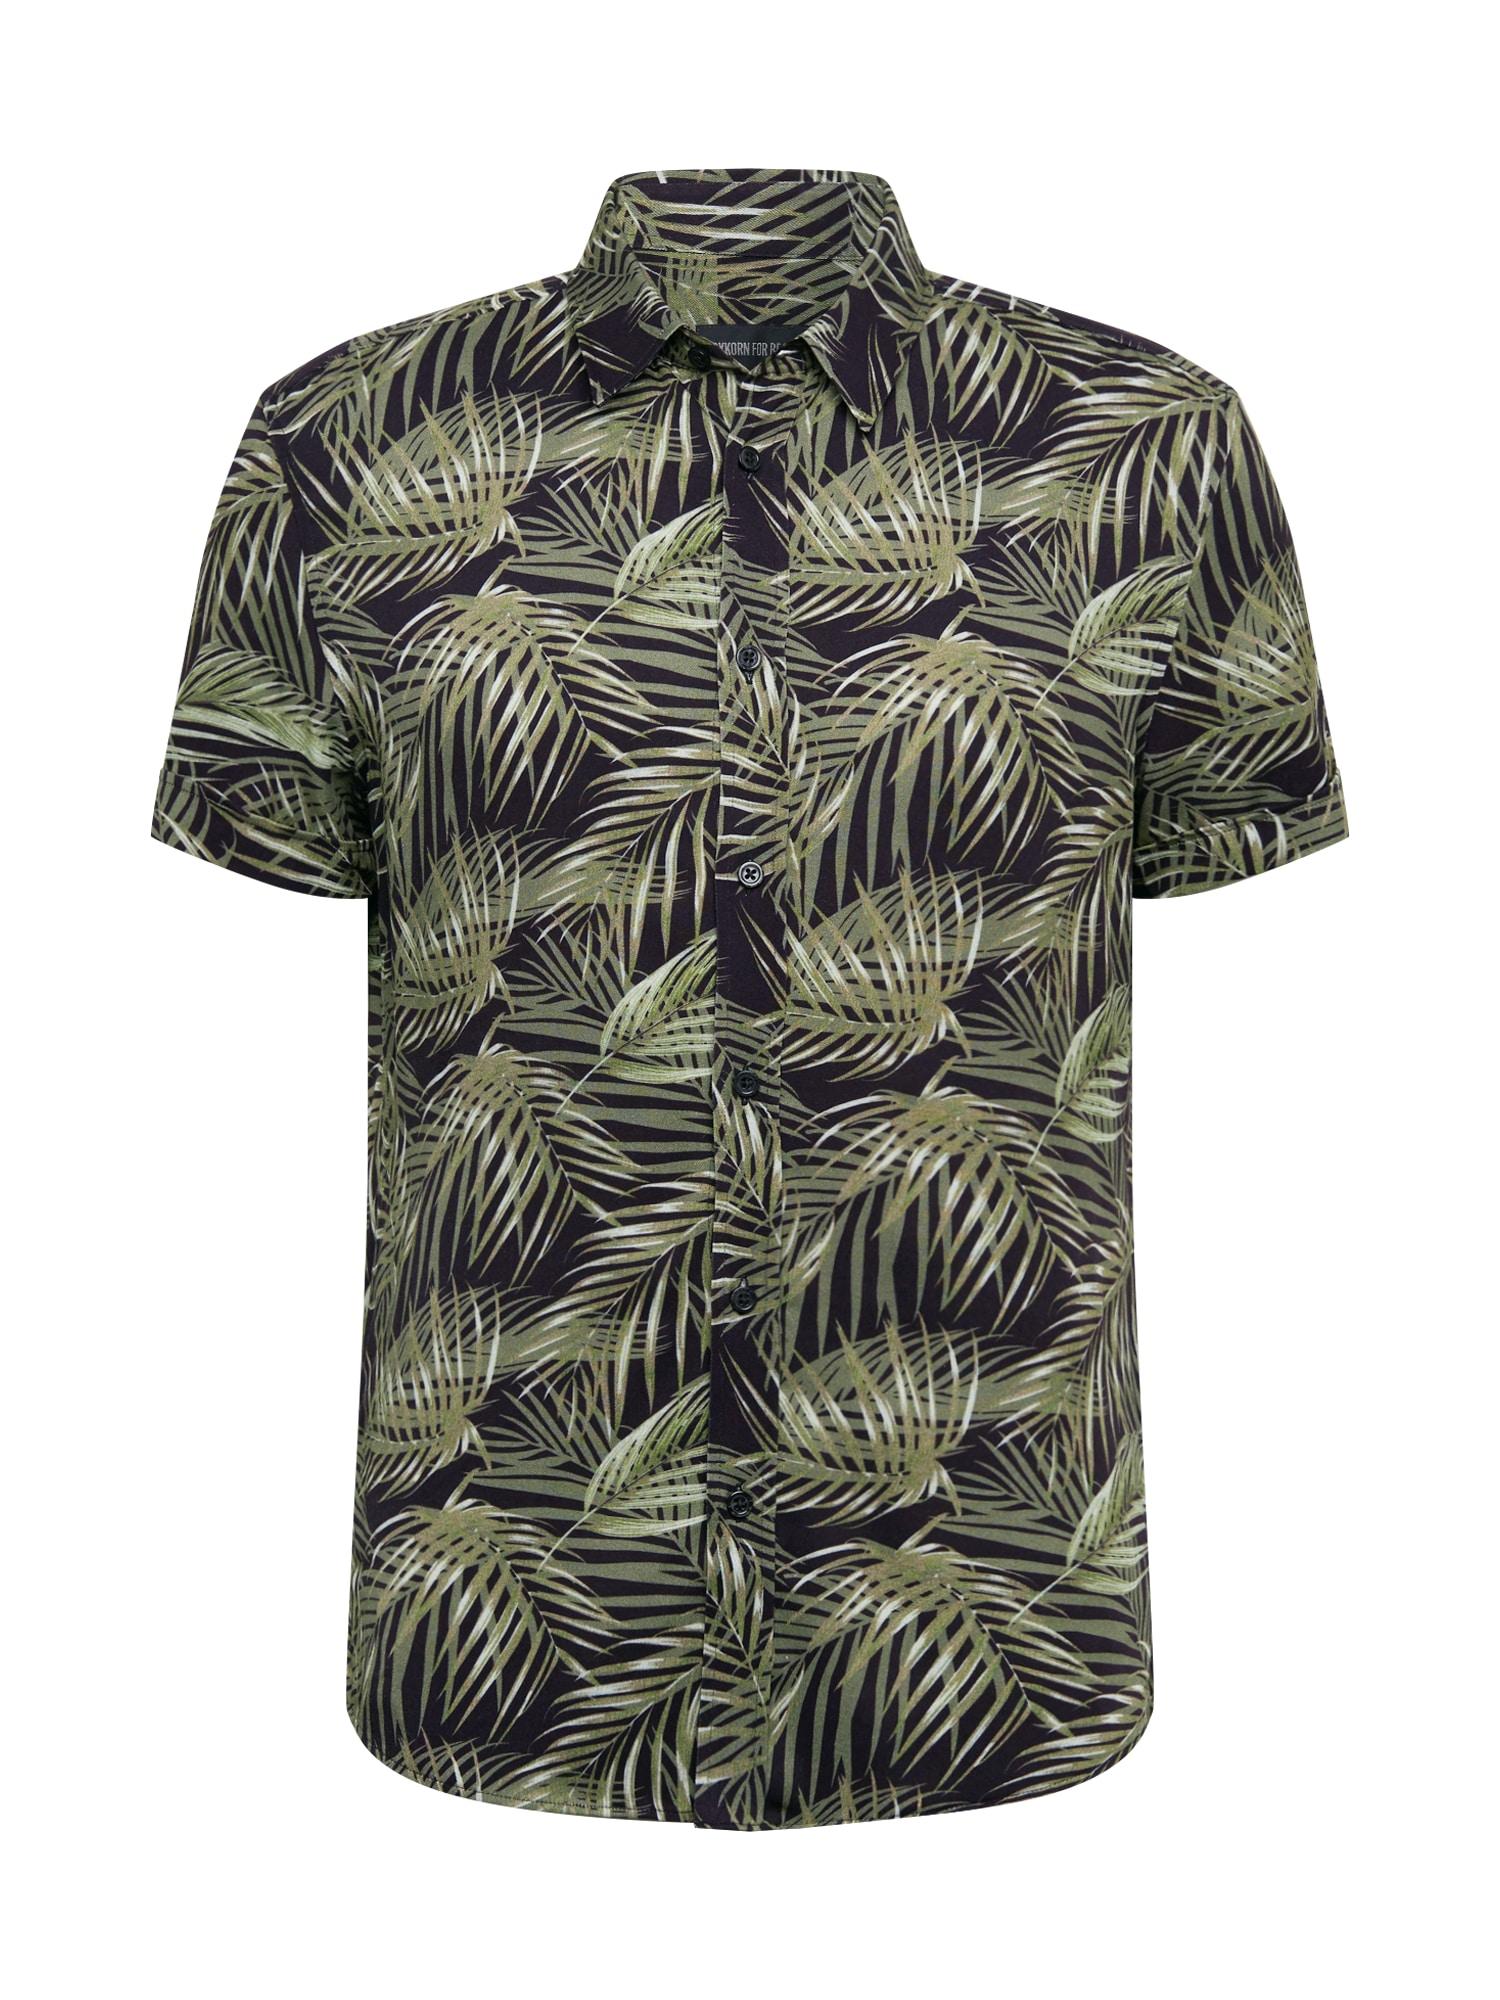 DRYKORN Dalykiniai marškiniai 'FENNO' žalia / mišrios spalvos